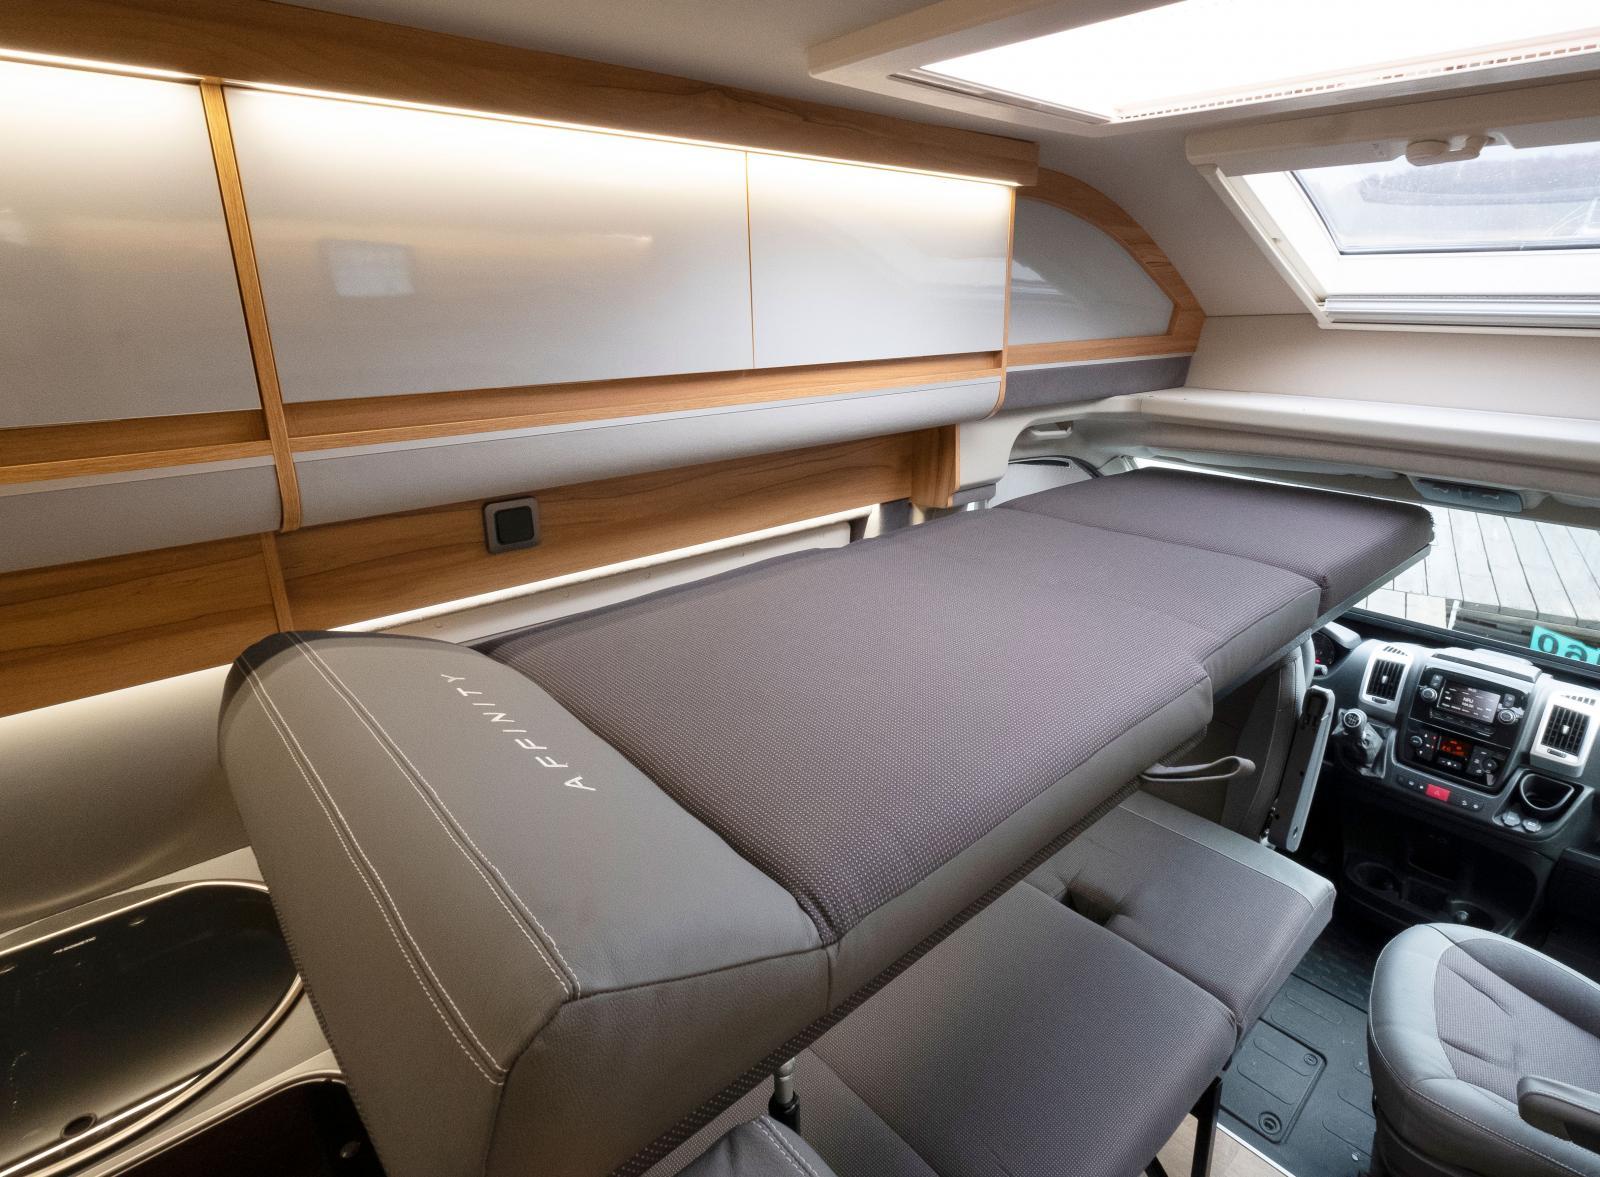 Voilà! Det här är en helt ny typ av säng. Den är främst tänkt för barn. I de bilar som är till salu finns även fallskydd.